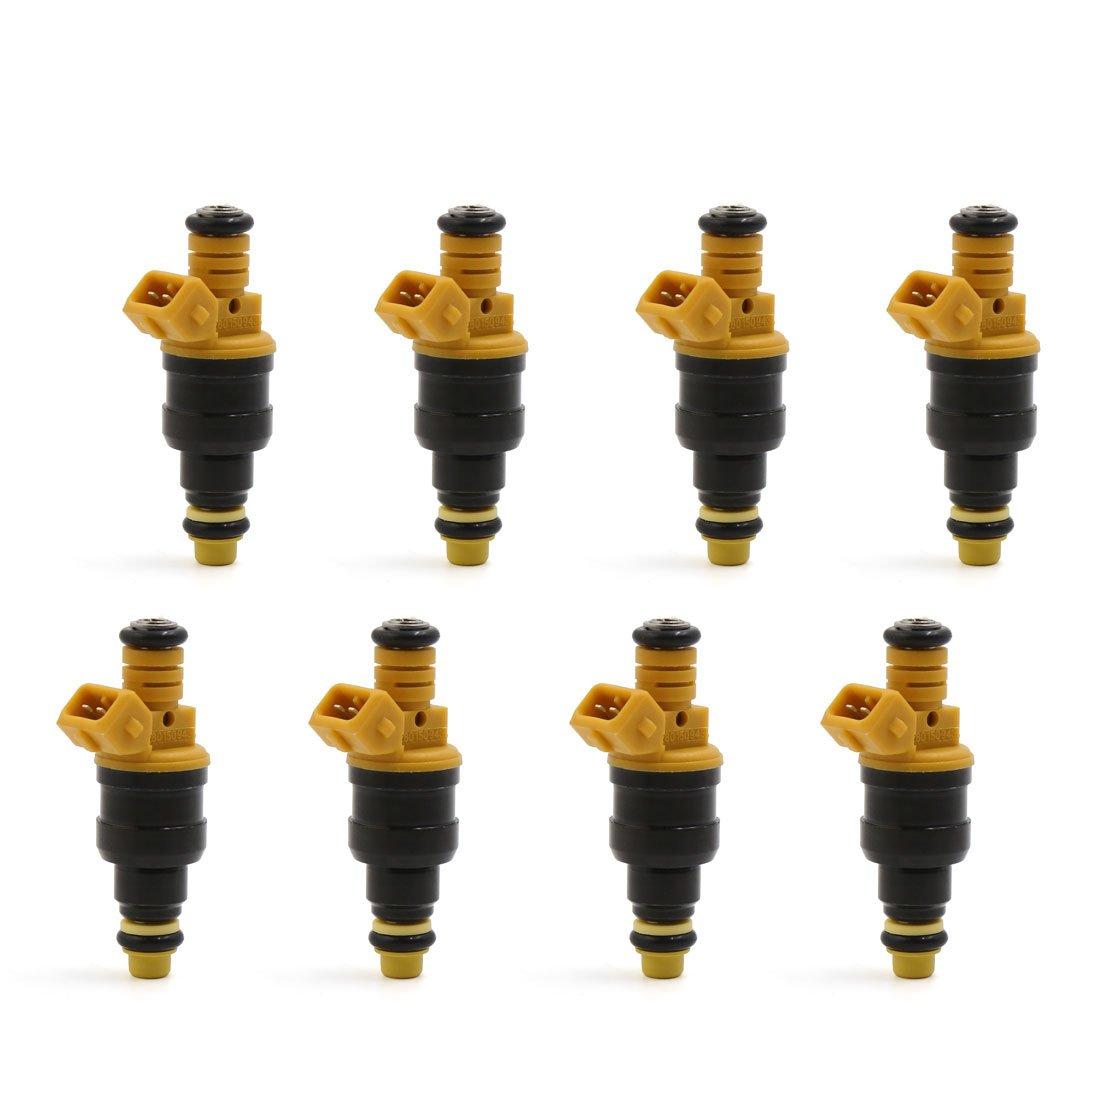 uxcell 8pcs 215cc 4 Holes Fuel Injectors for Ford 4.6 5.0 5.4 5.8 0280150943 0280150556 a17011200ux1178